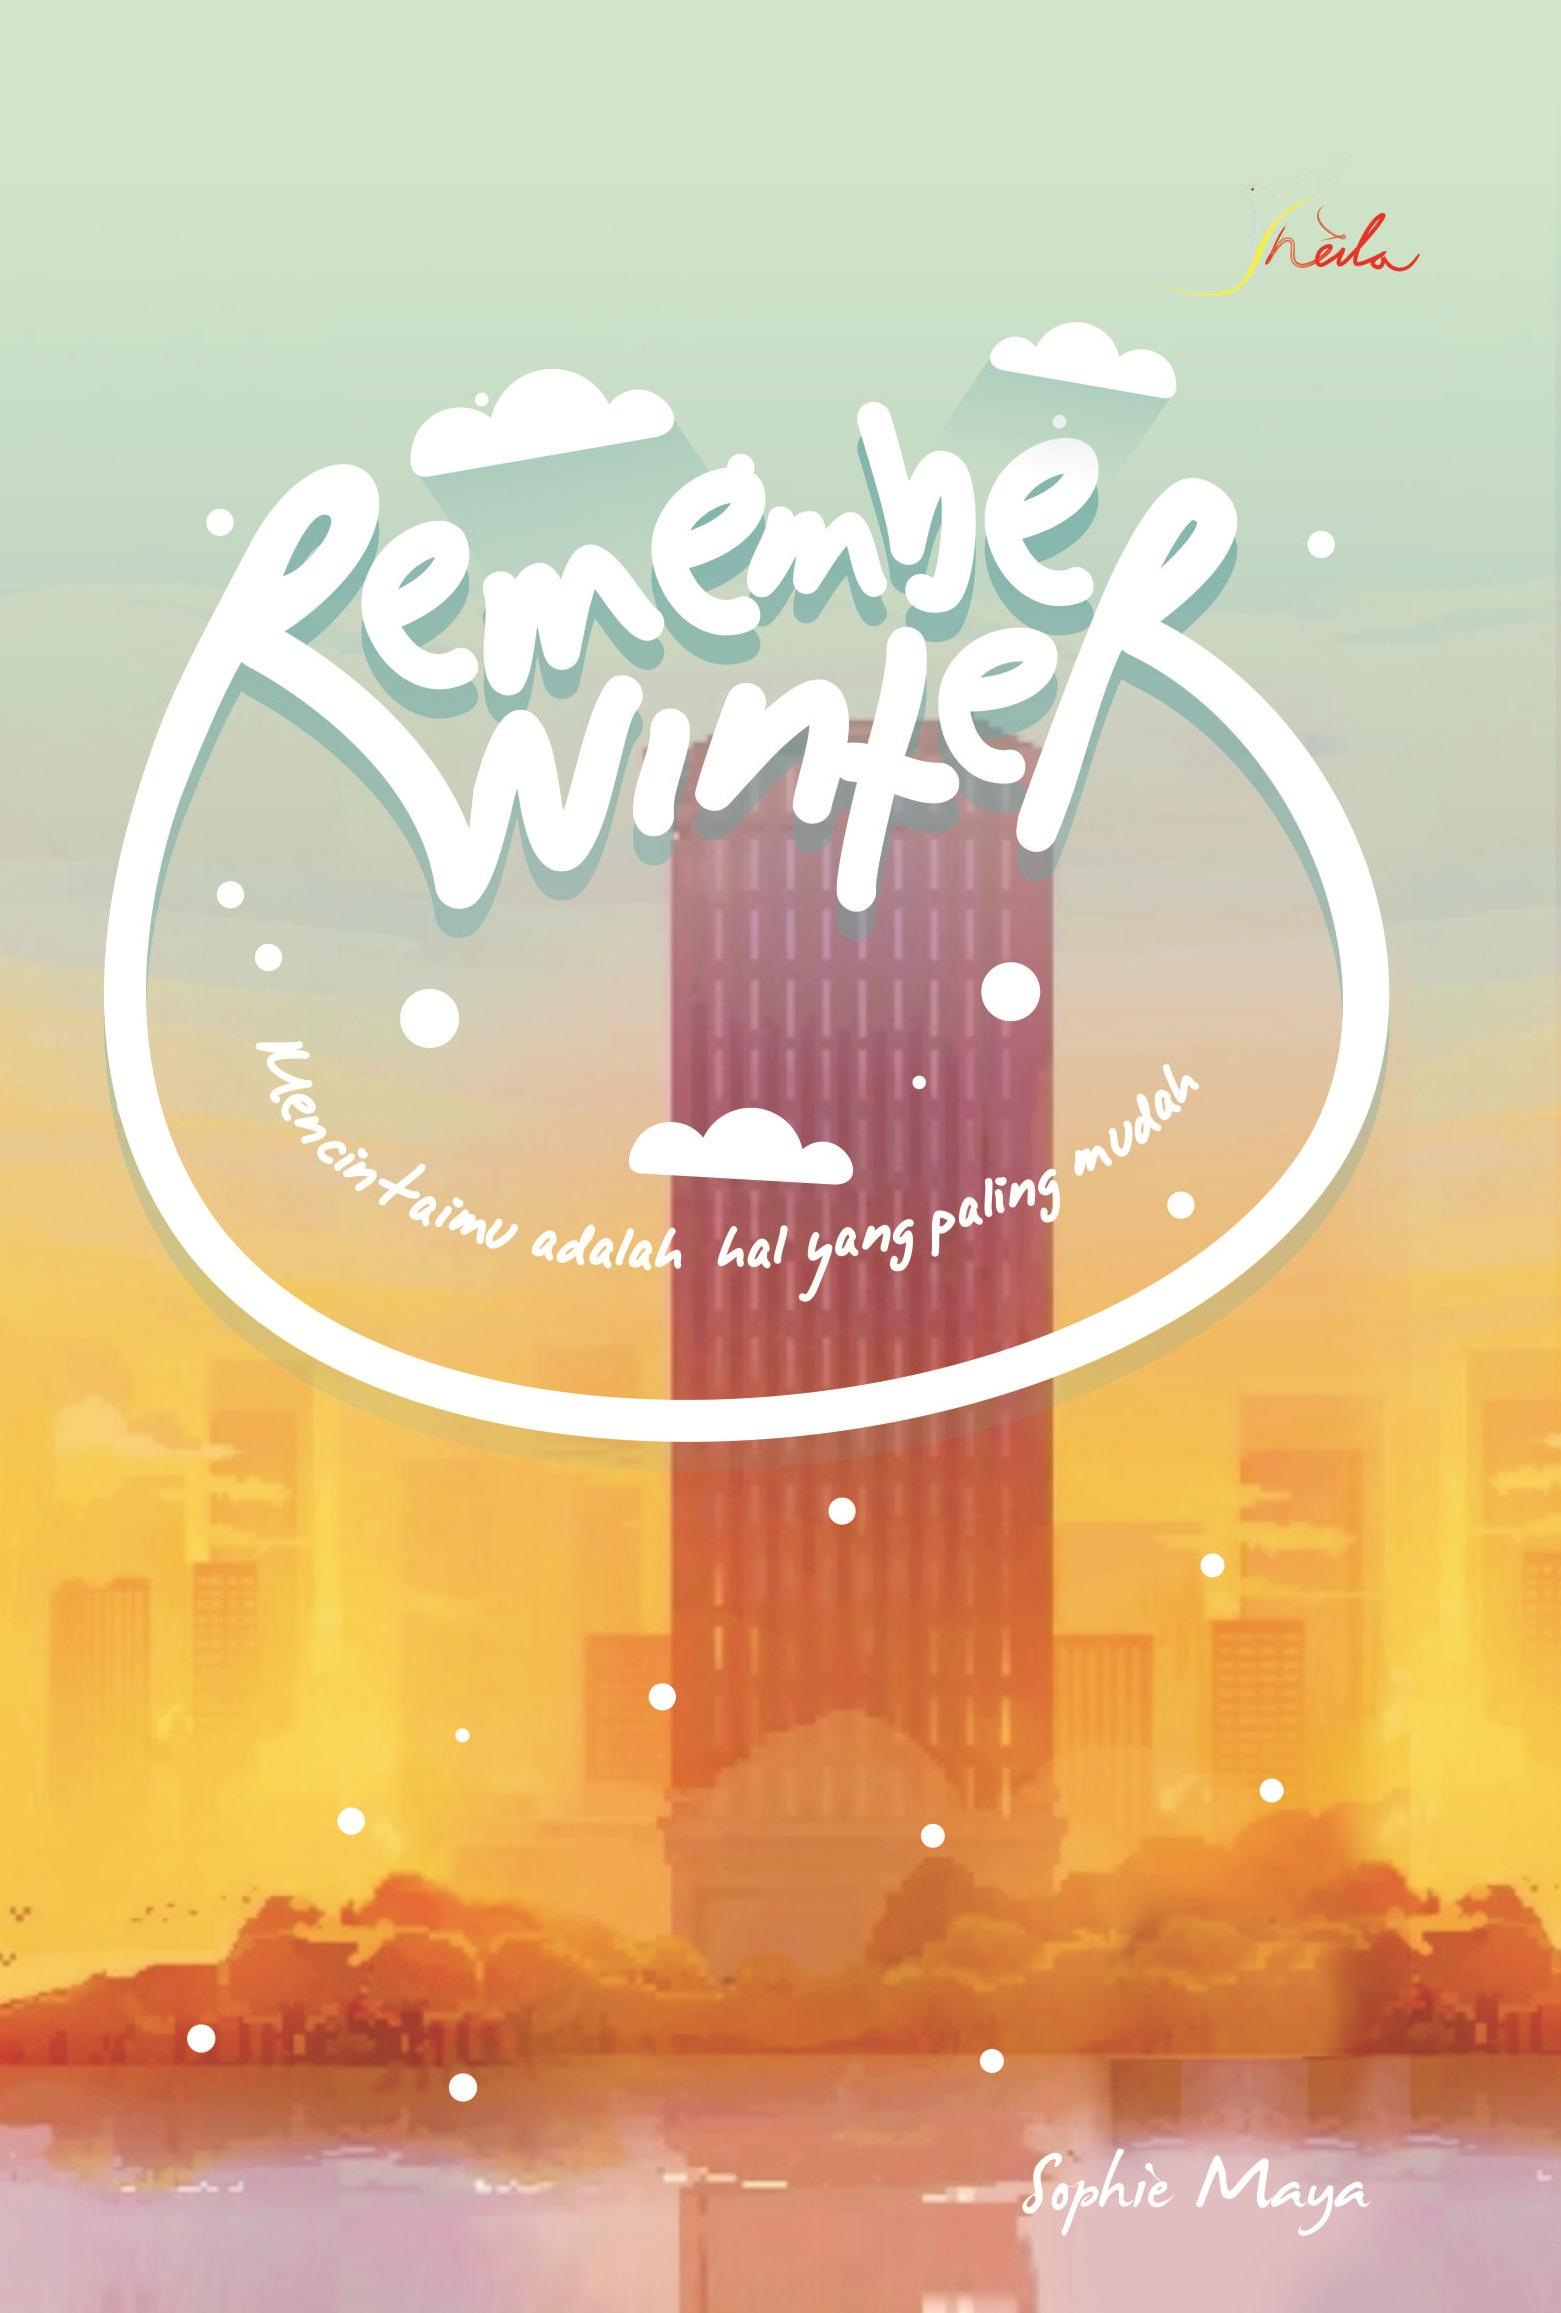 Remember winter, mencintaimu adalah hal yang paling mudah [sumber elektronis]